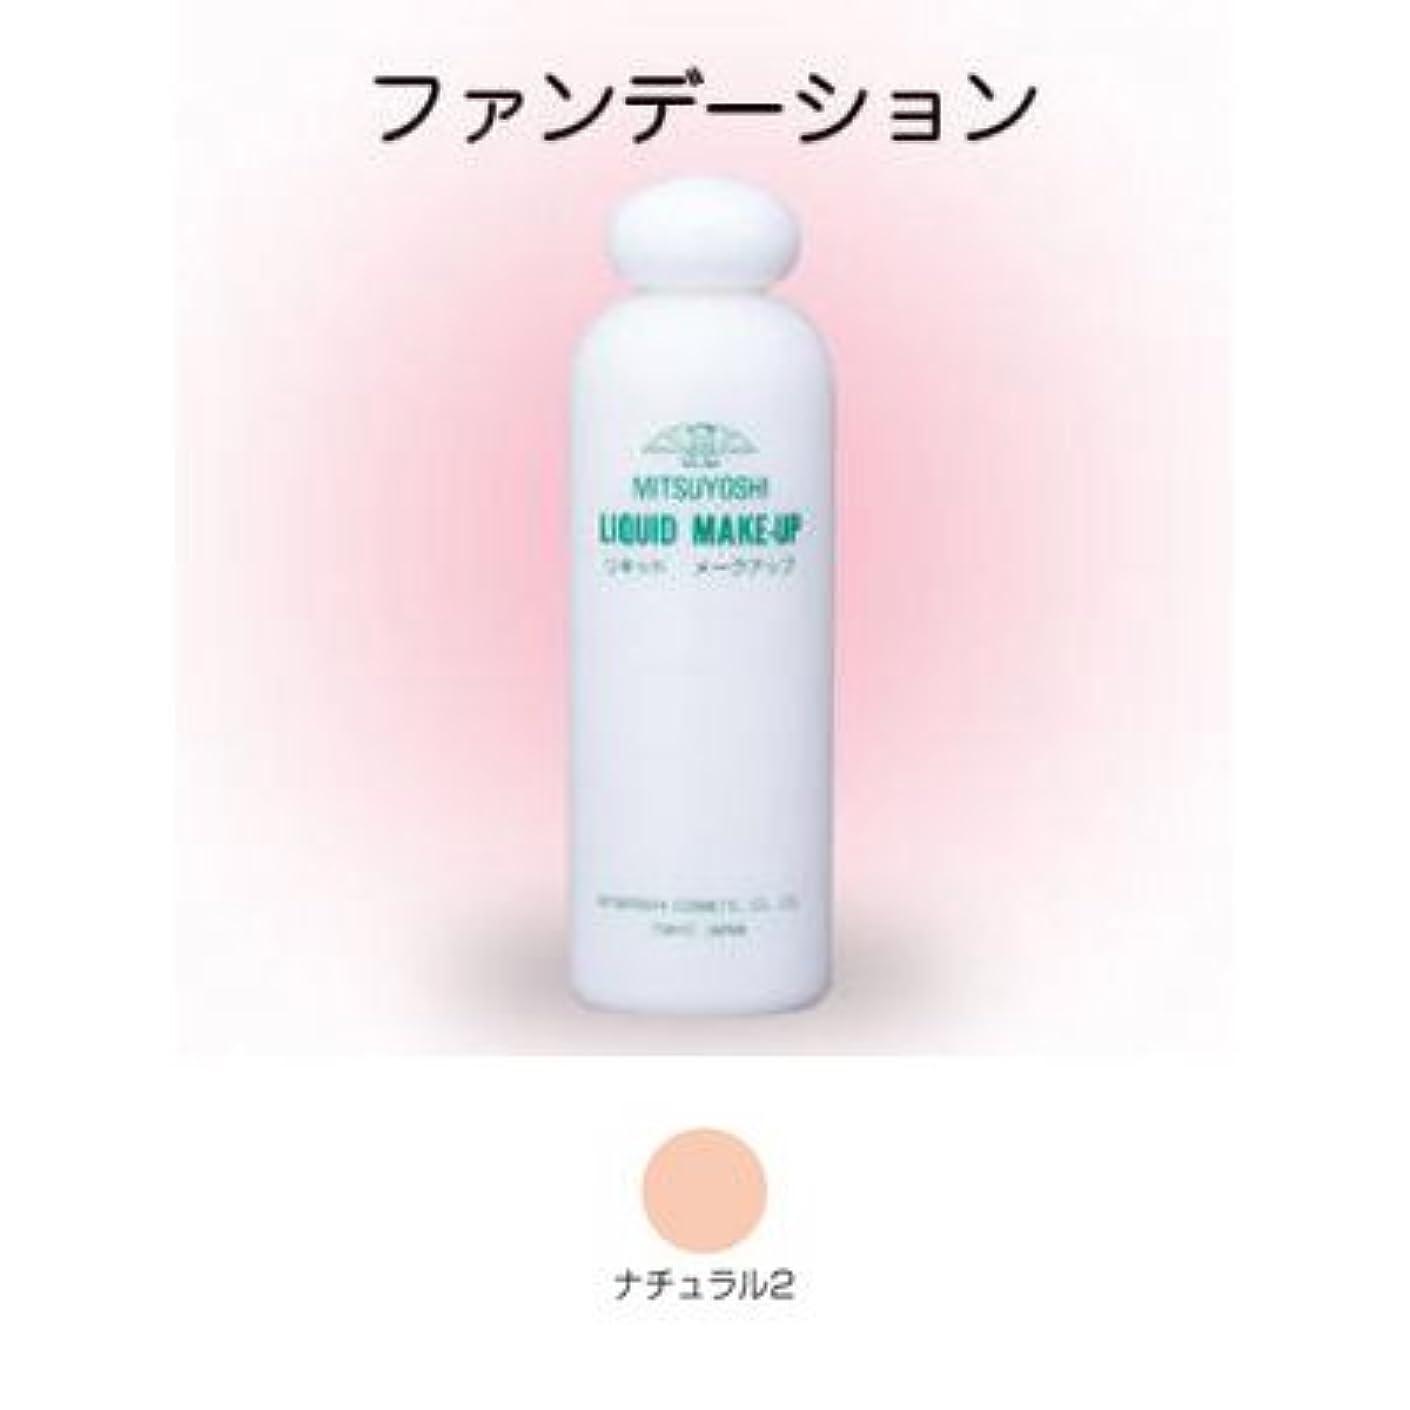 エクステント大西洋密リキッドメークアップ 200ml ナチュラル2 【三善】